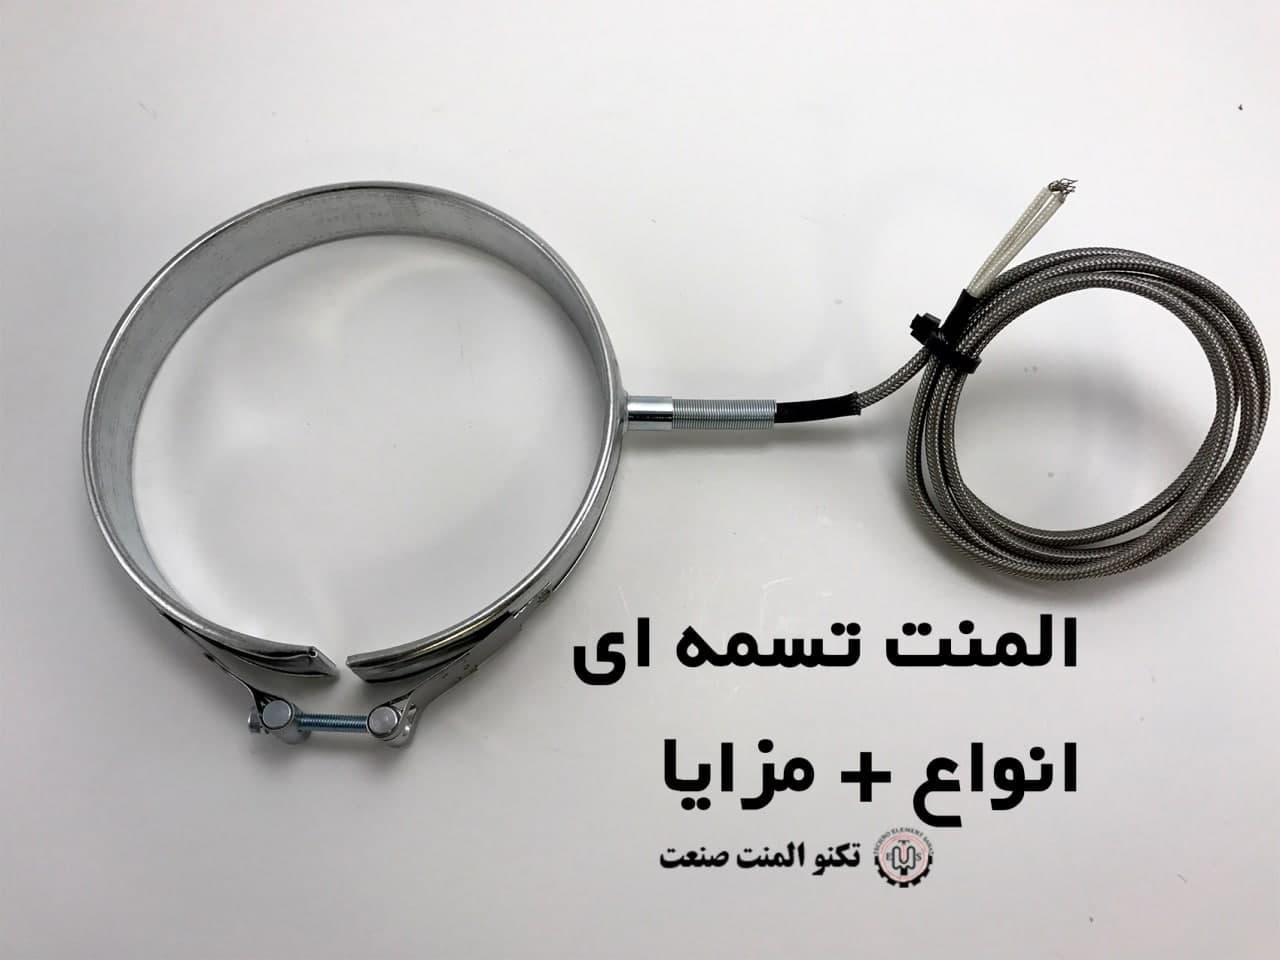 المنت تسمه ای + انواع و مزایا